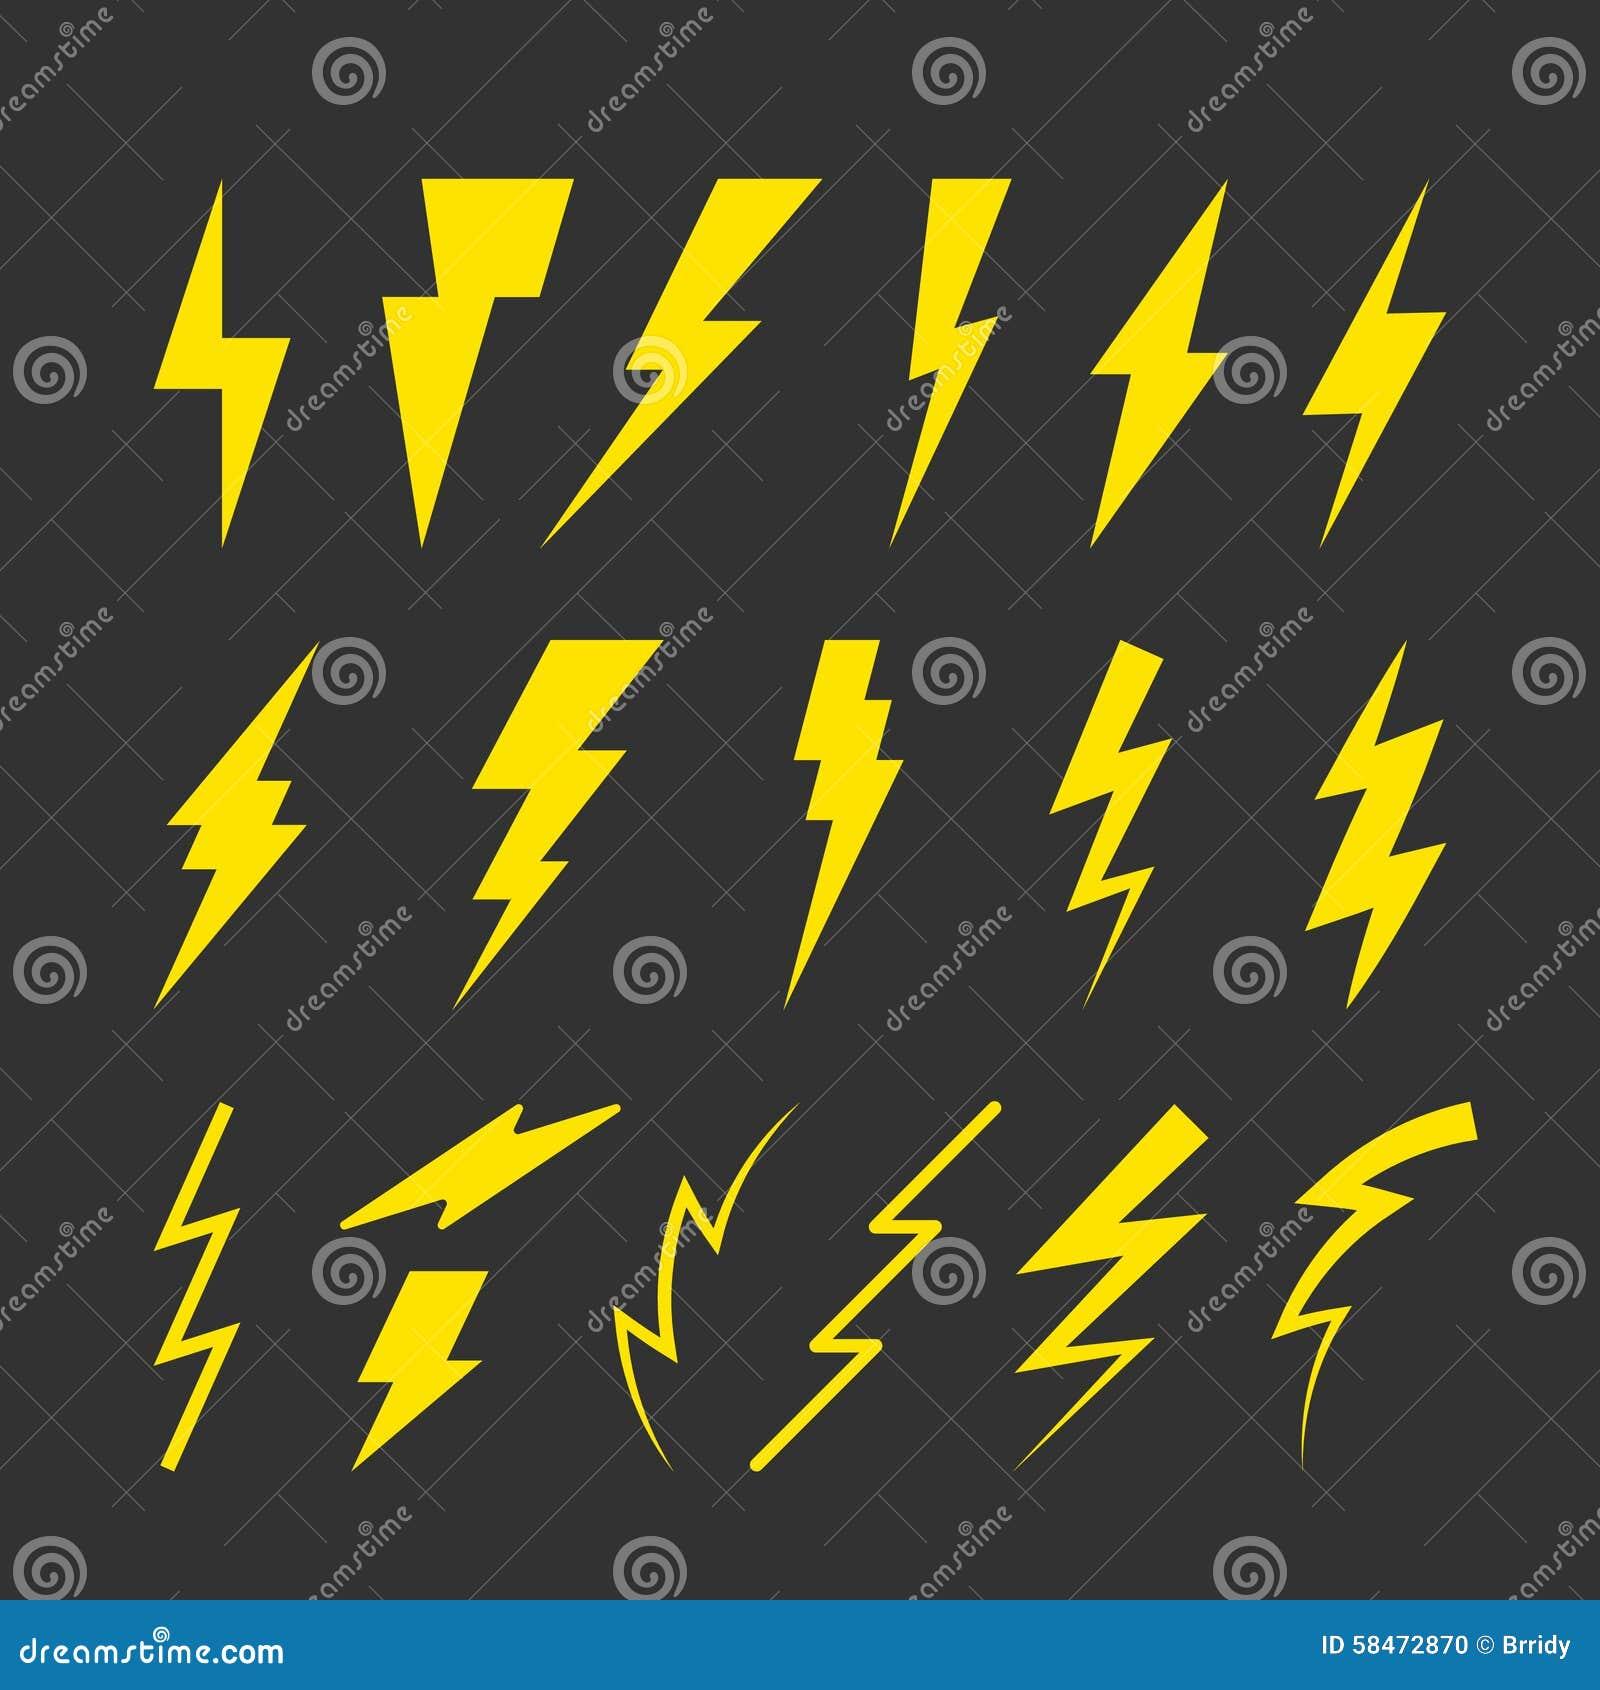 Satz gelbe Blitz-Symbole vektor abbildung. Illustration von ...